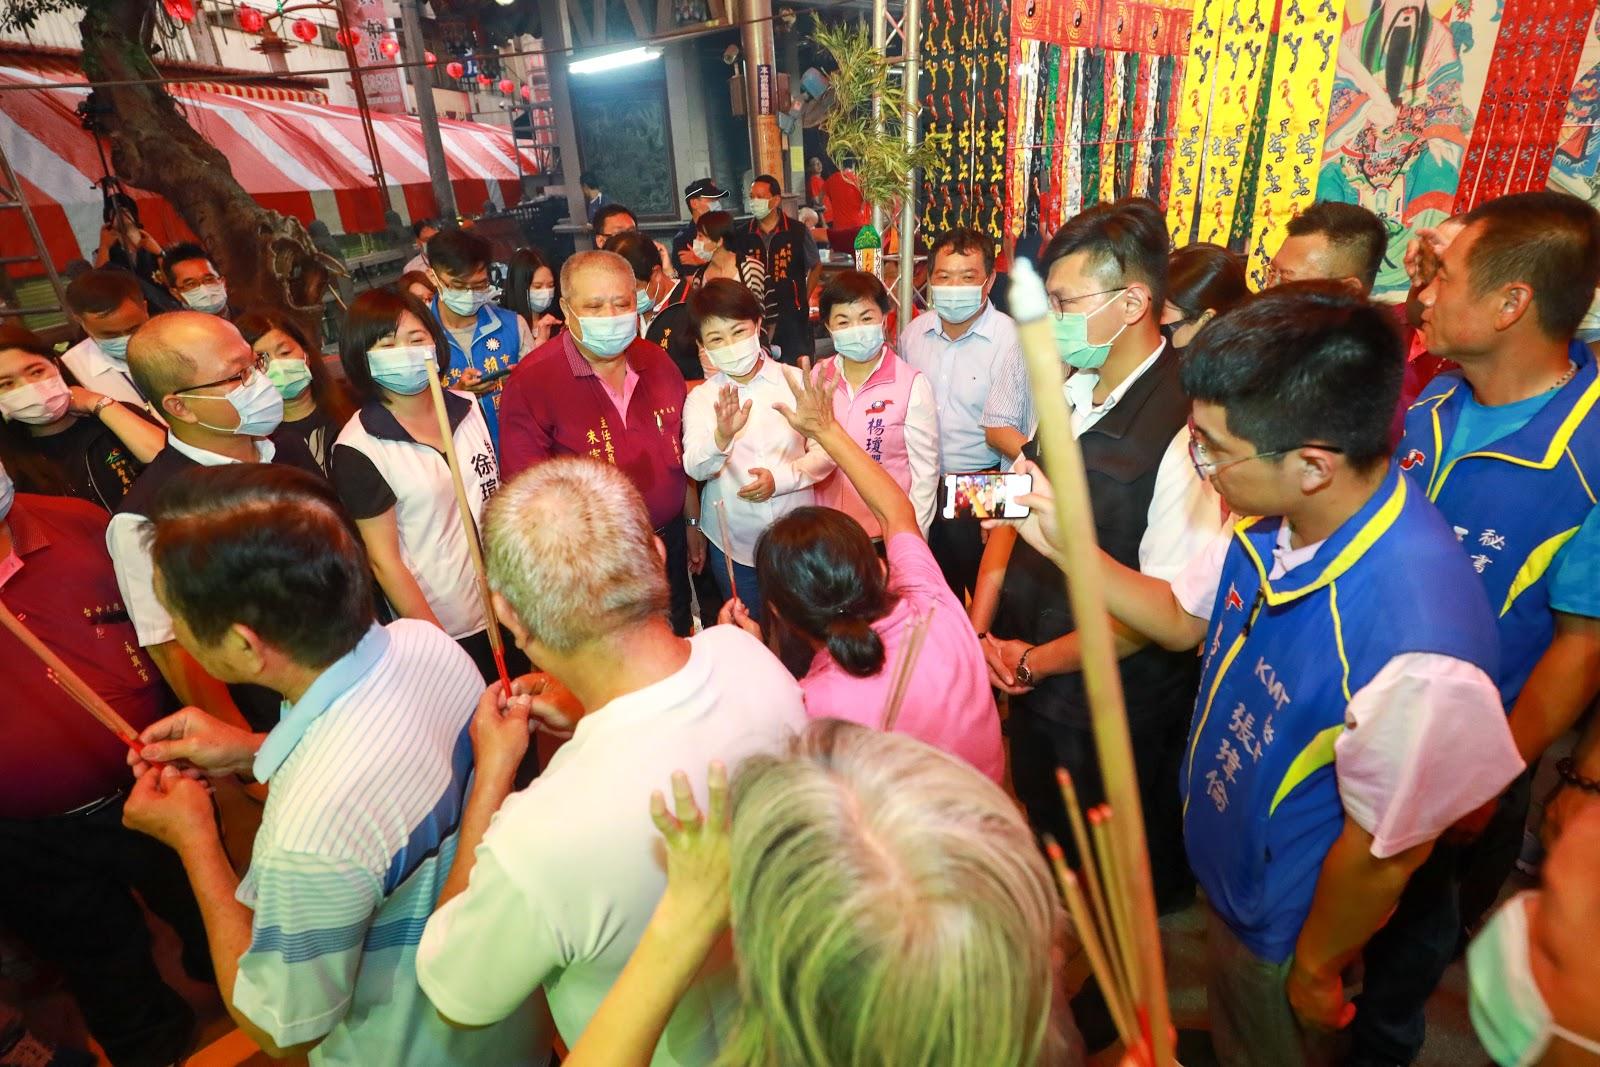 大雅永興宮普渡法會 盧市長祈求市民平安幸福